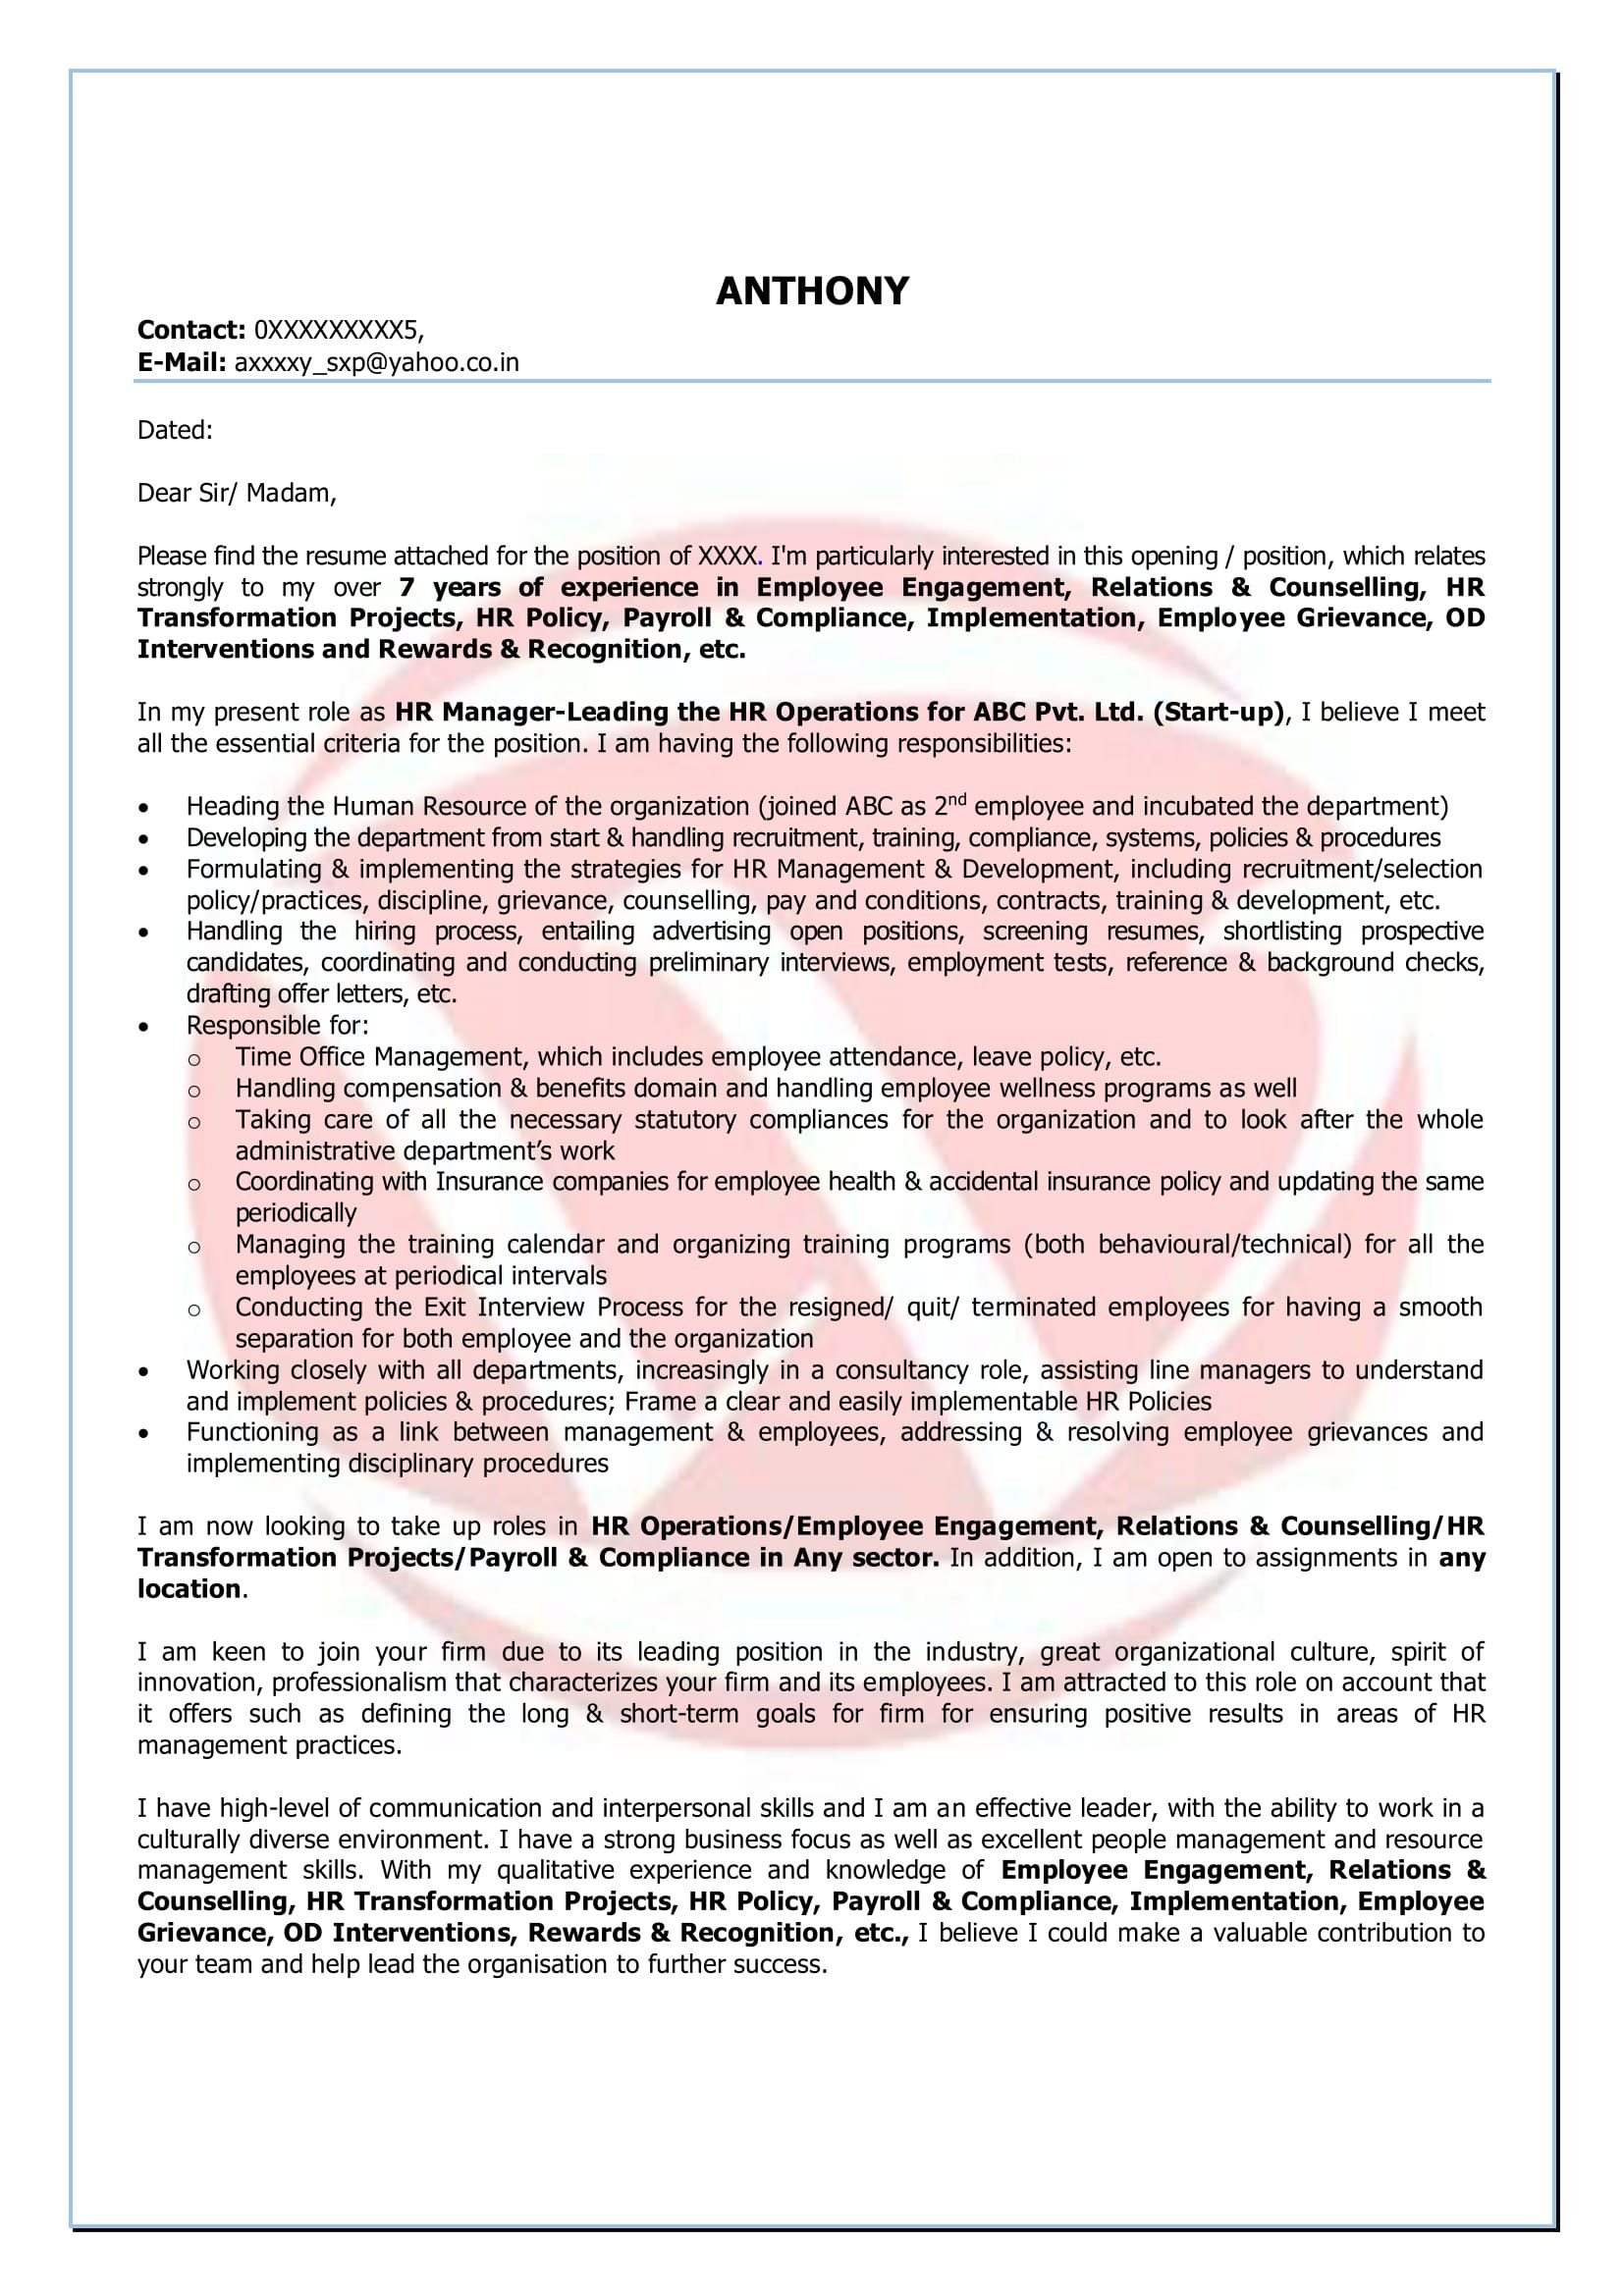 Job Offer Letter Template - Job Fer Letter format In Saudi Arabia Best Production Sample